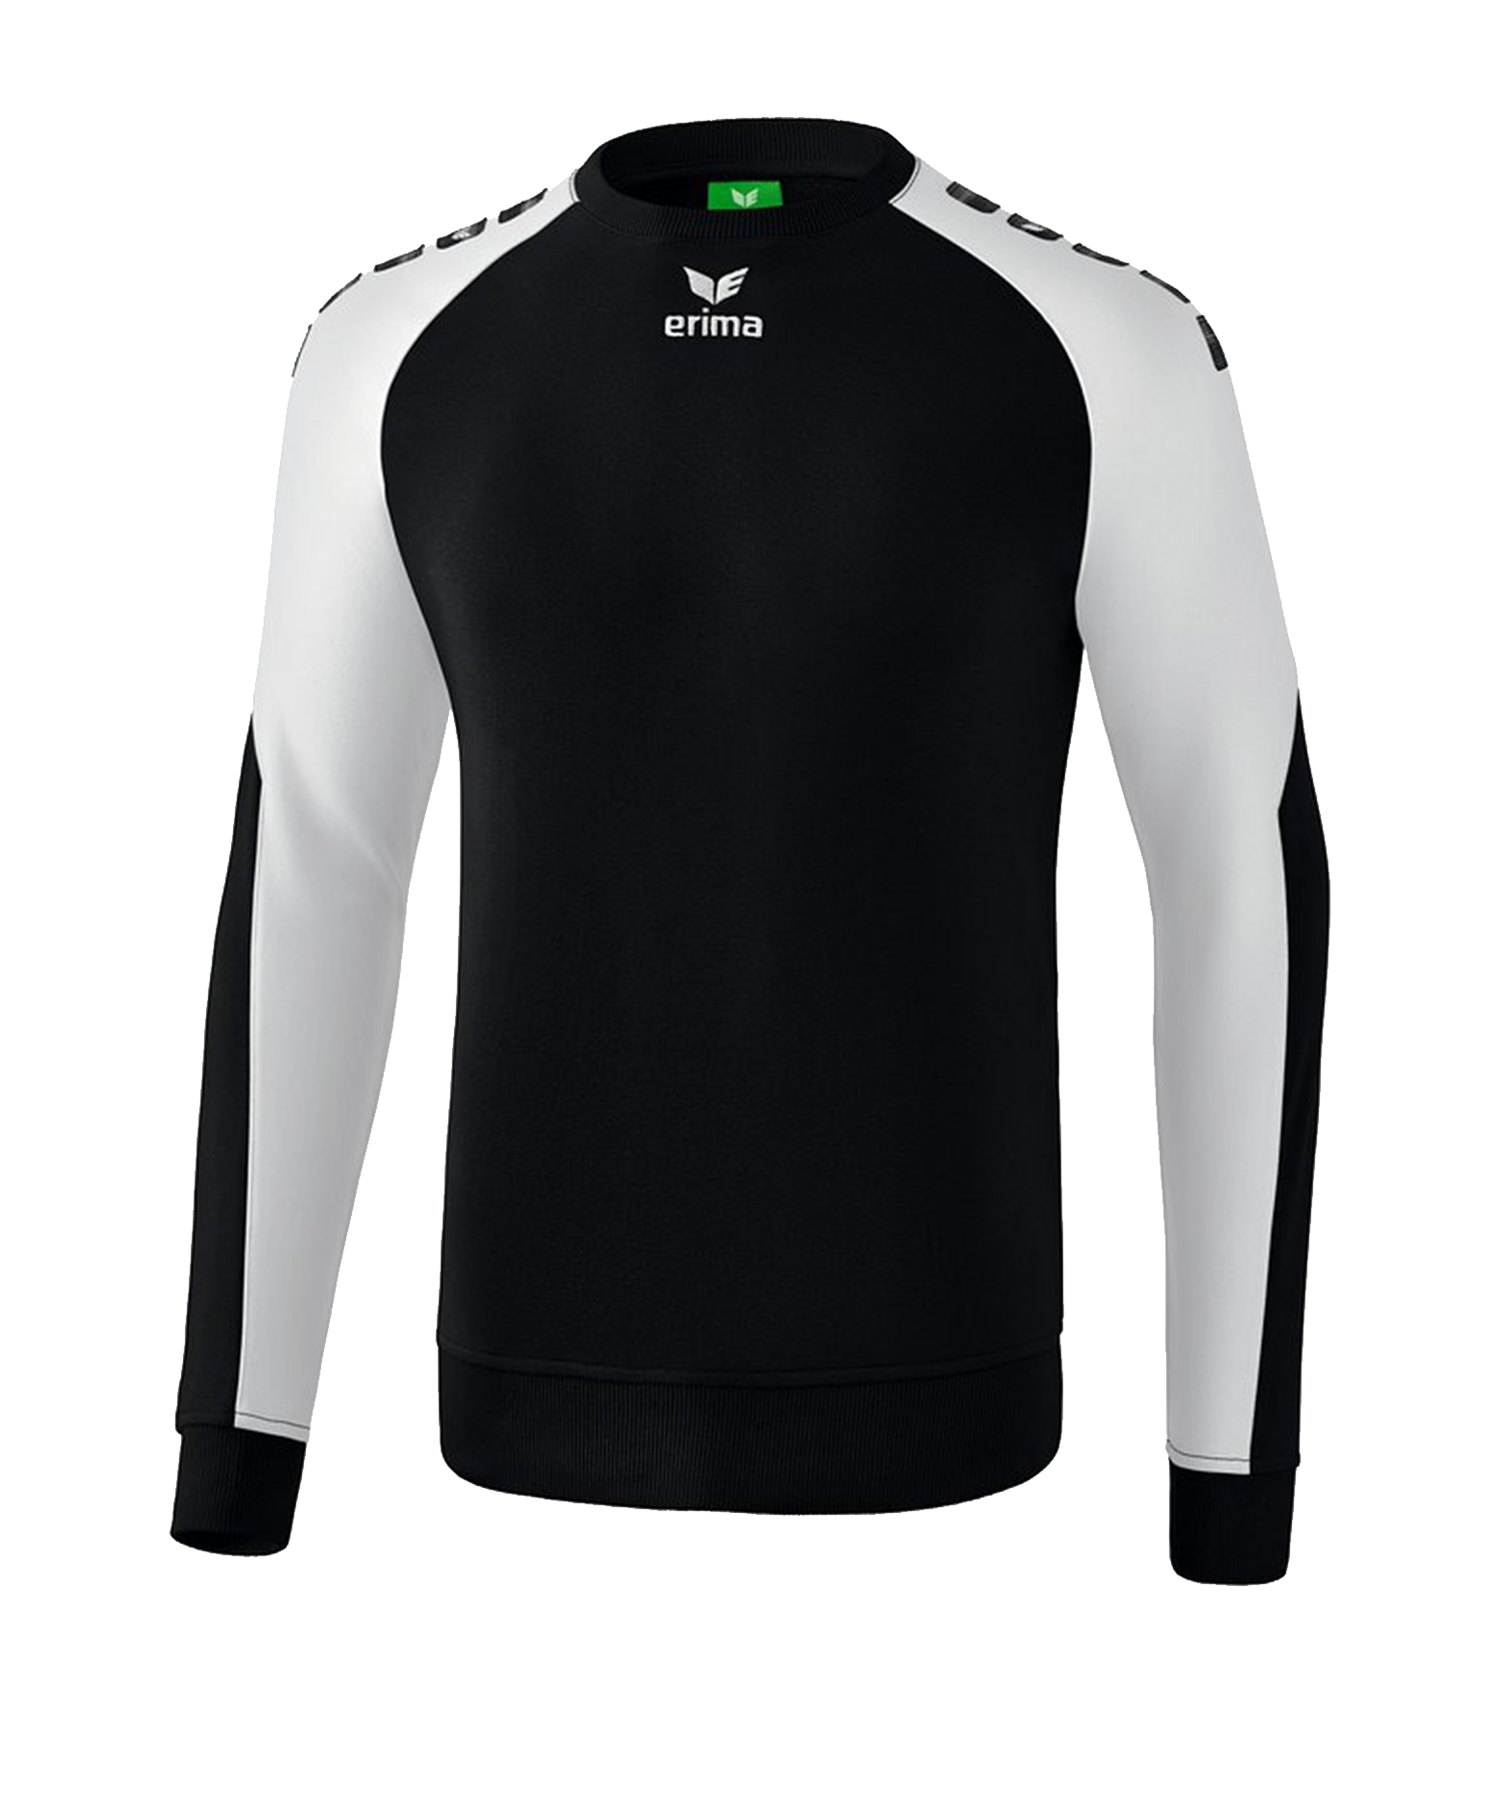 Erima Essential 5-C Sweatshirt Schwarz Weiss - Schwarz